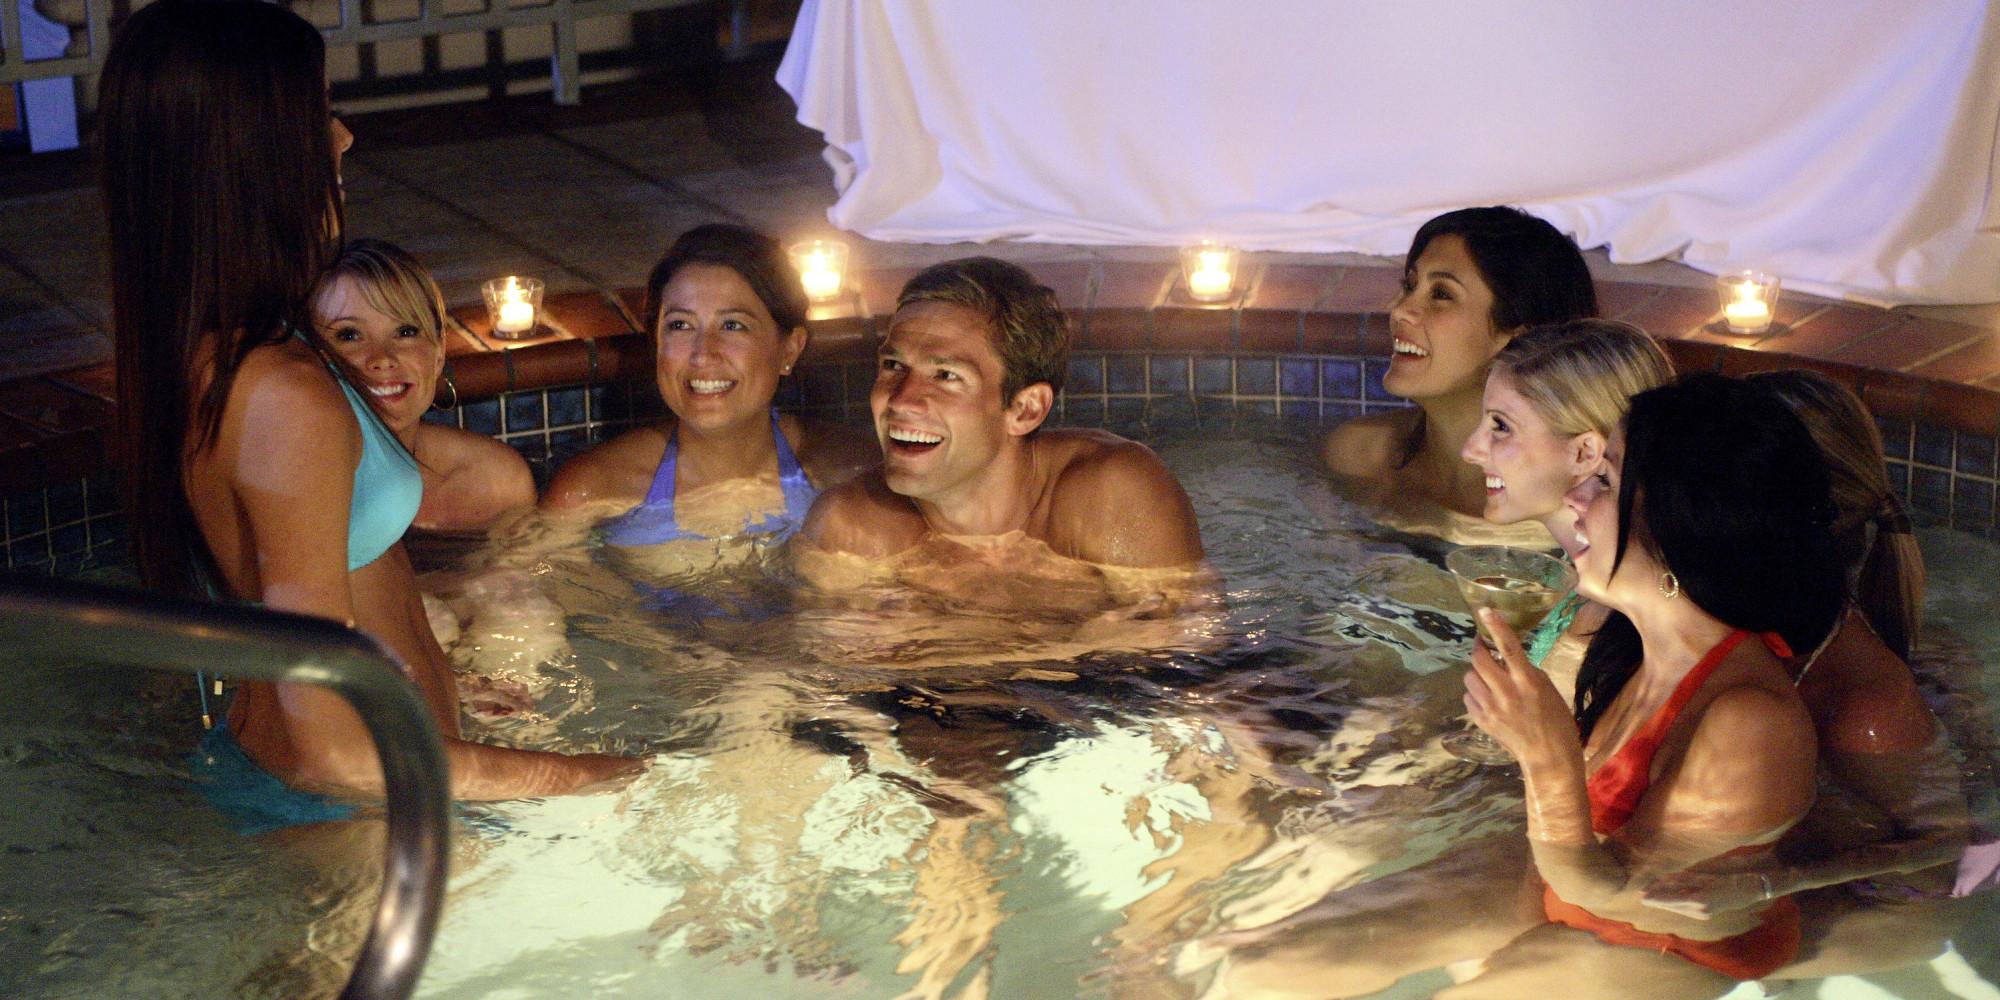 hot tub dermatitis #10